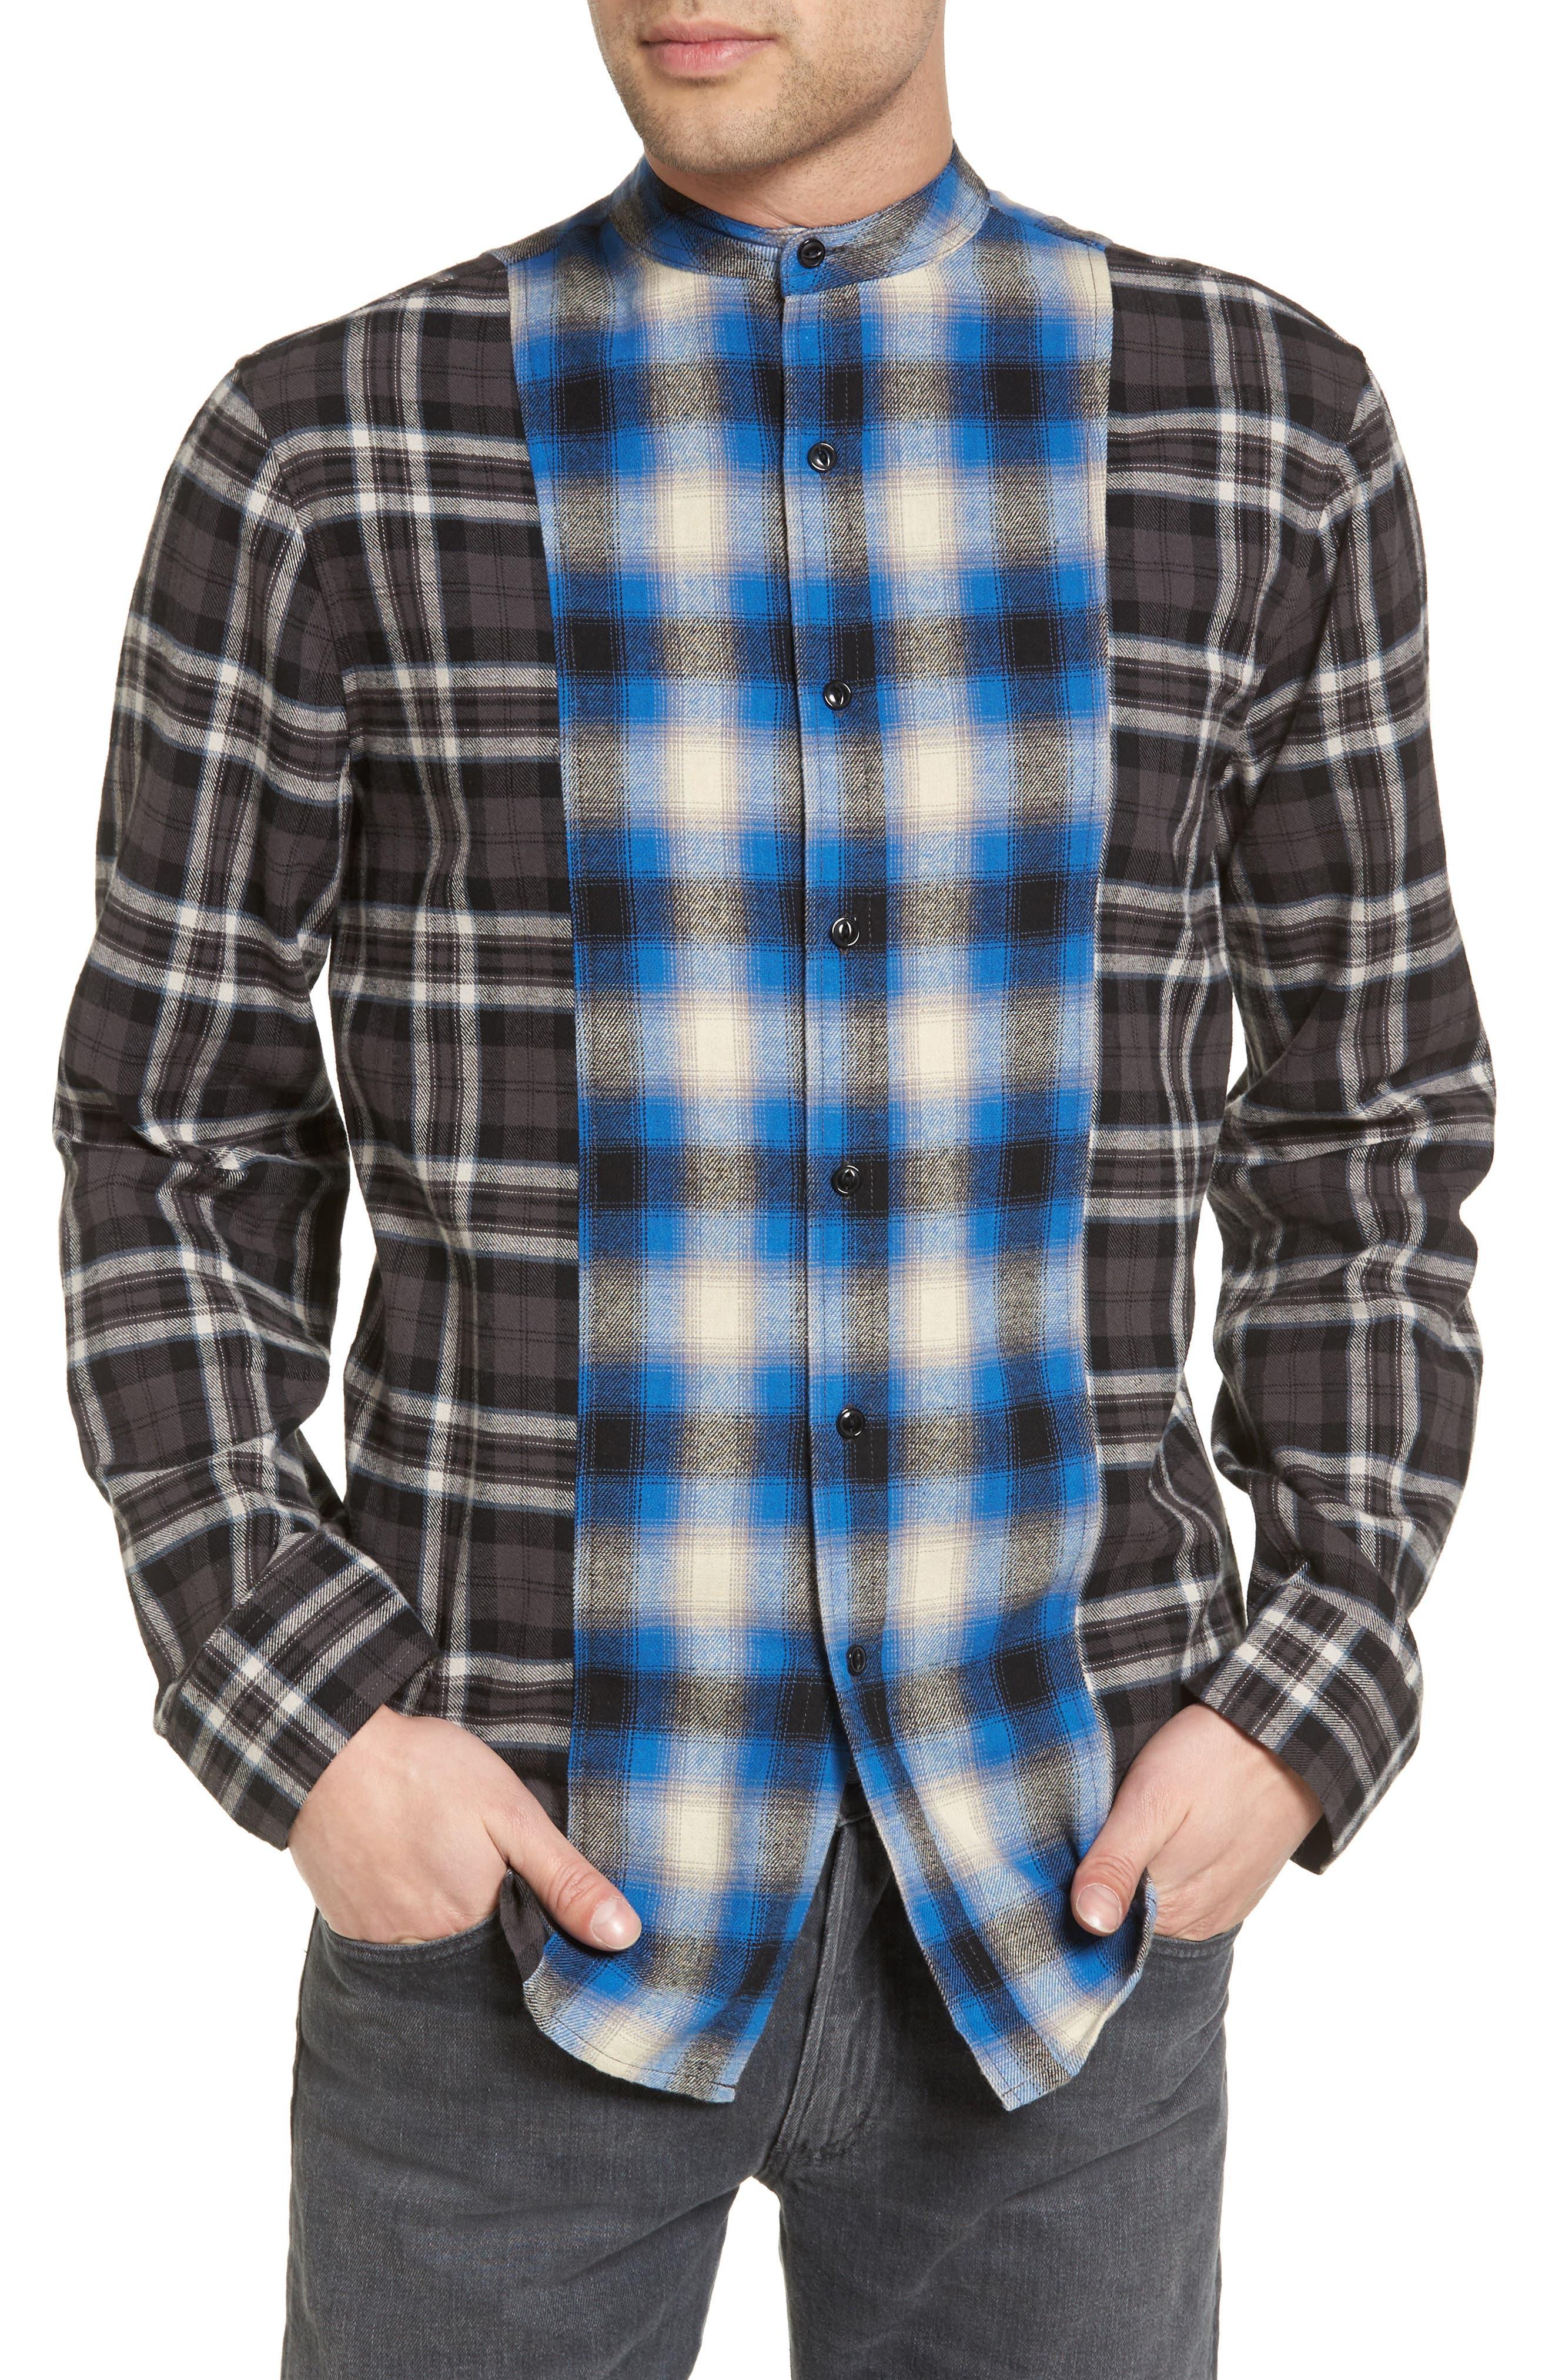 The Rail Multi Plaid Woven Shirt